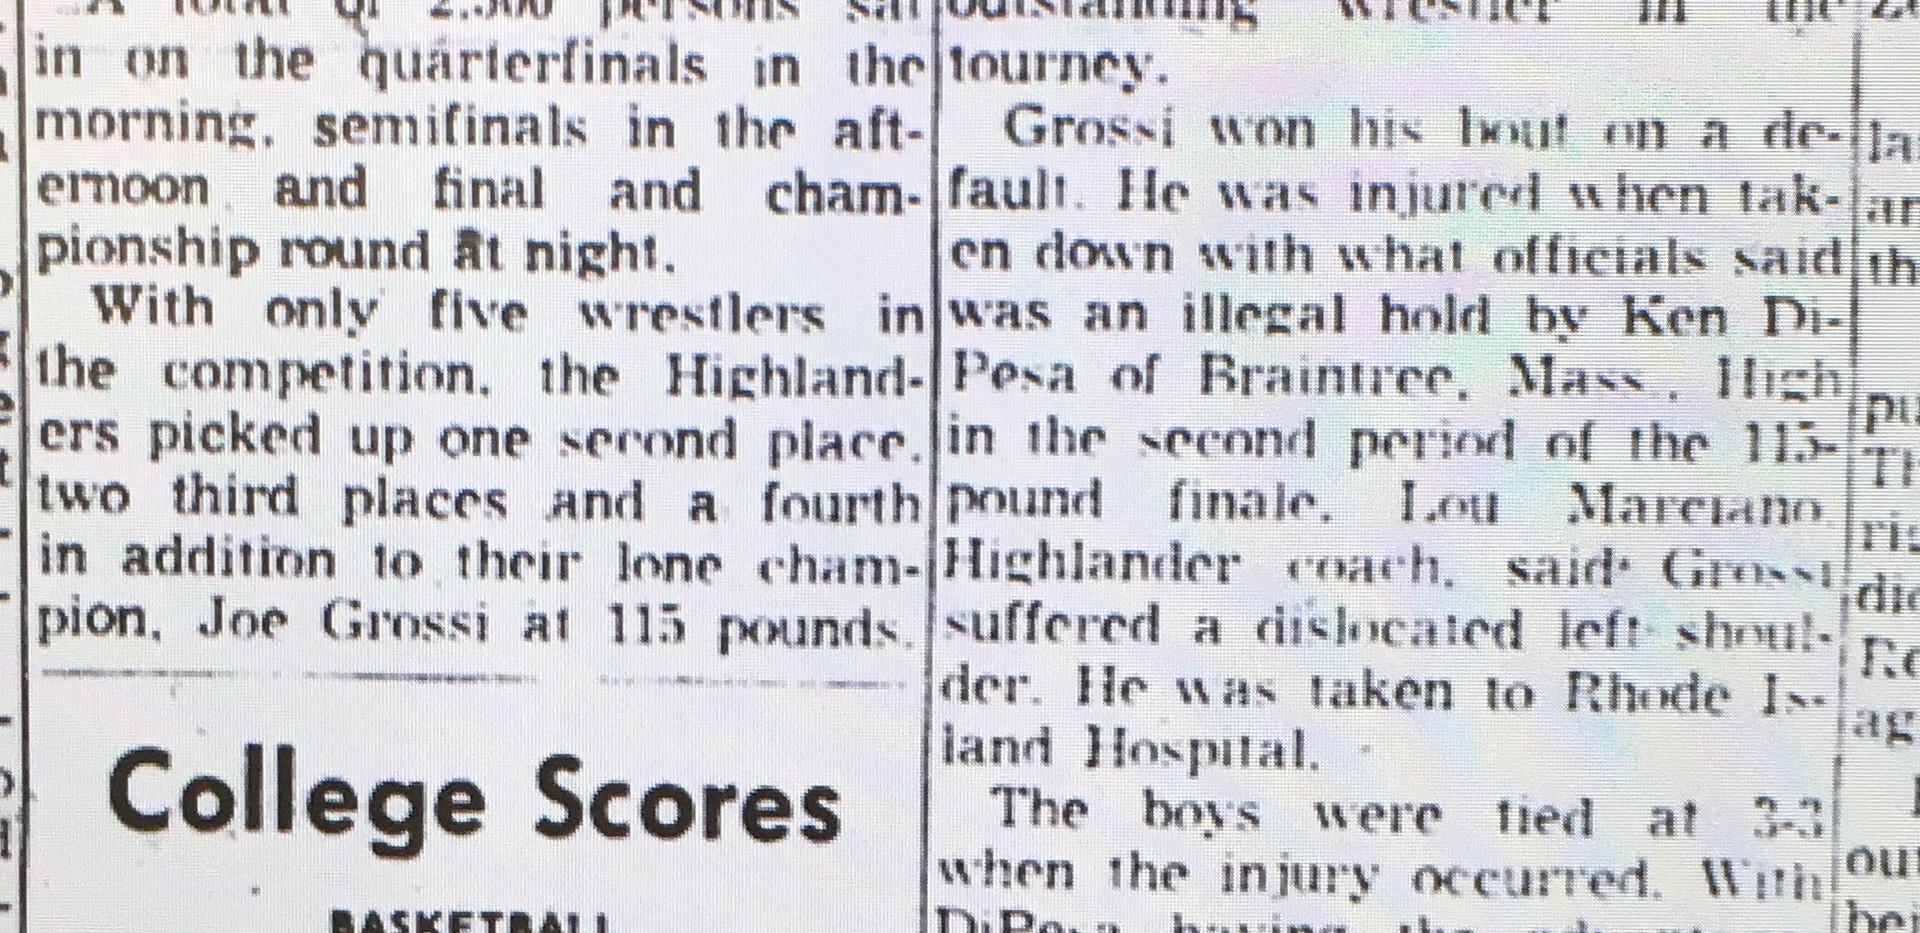 1963 New England Tournament